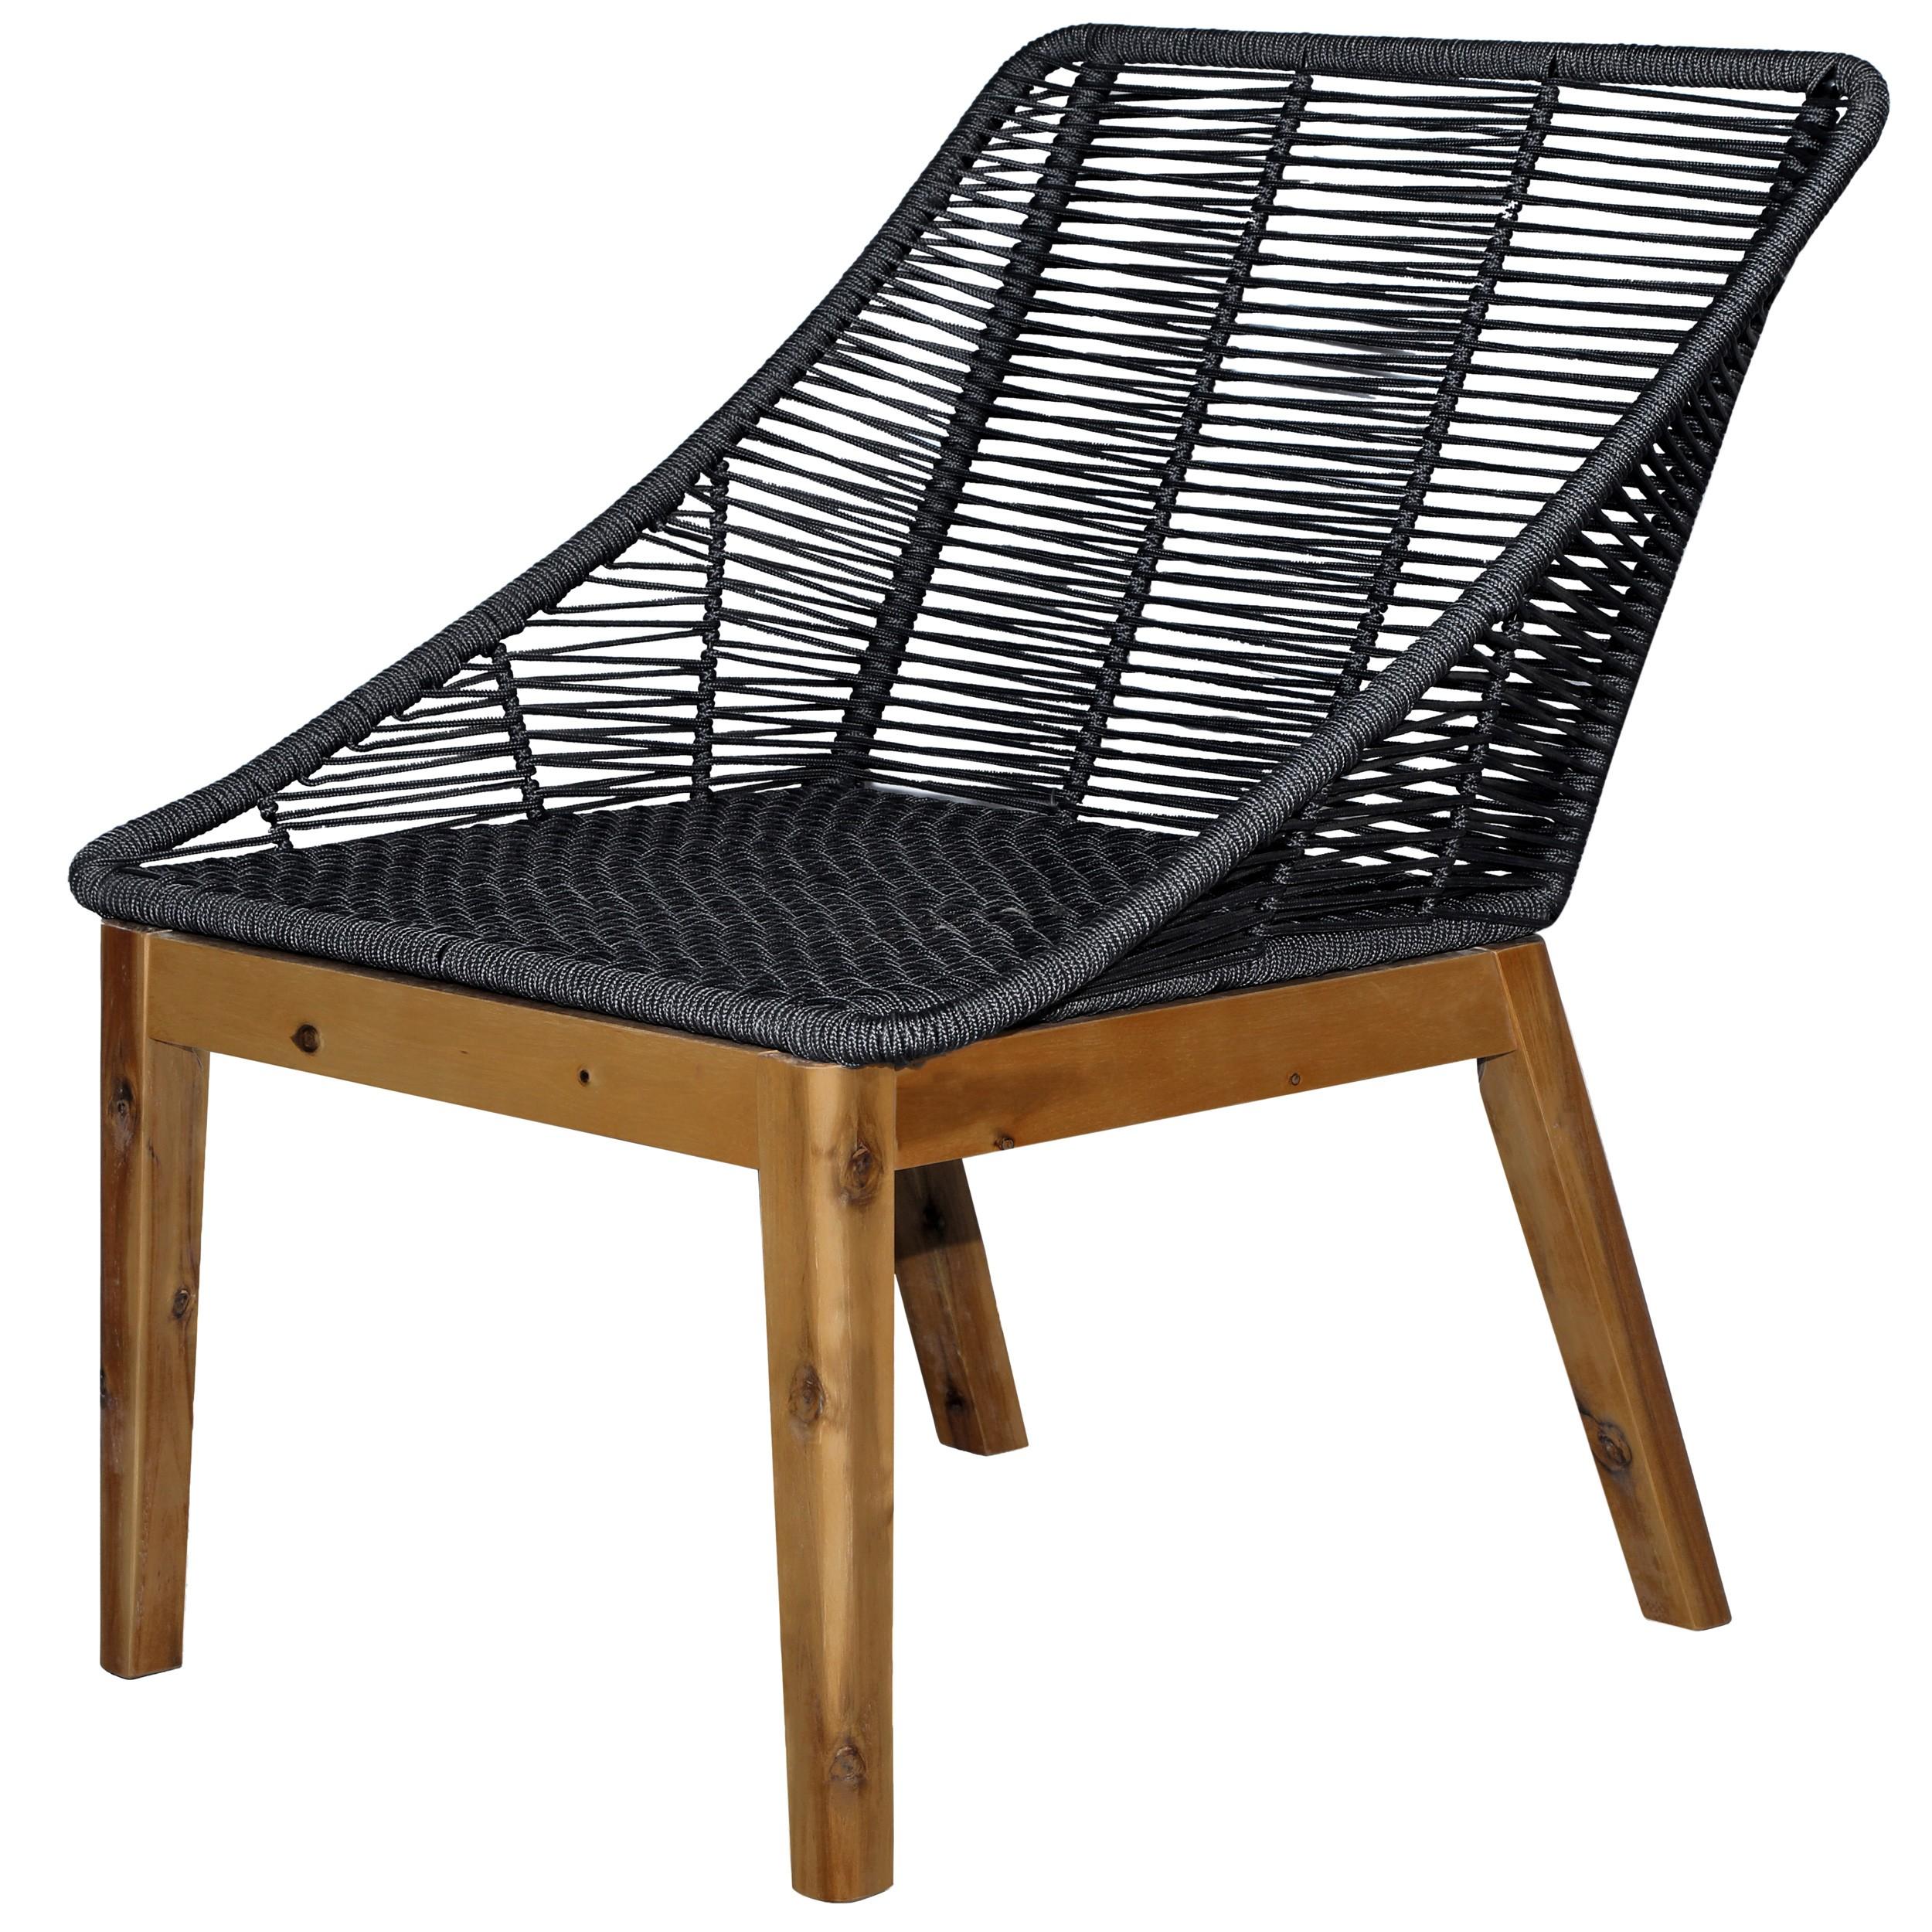 acheter fauteuil interieur exterieur gris fonce